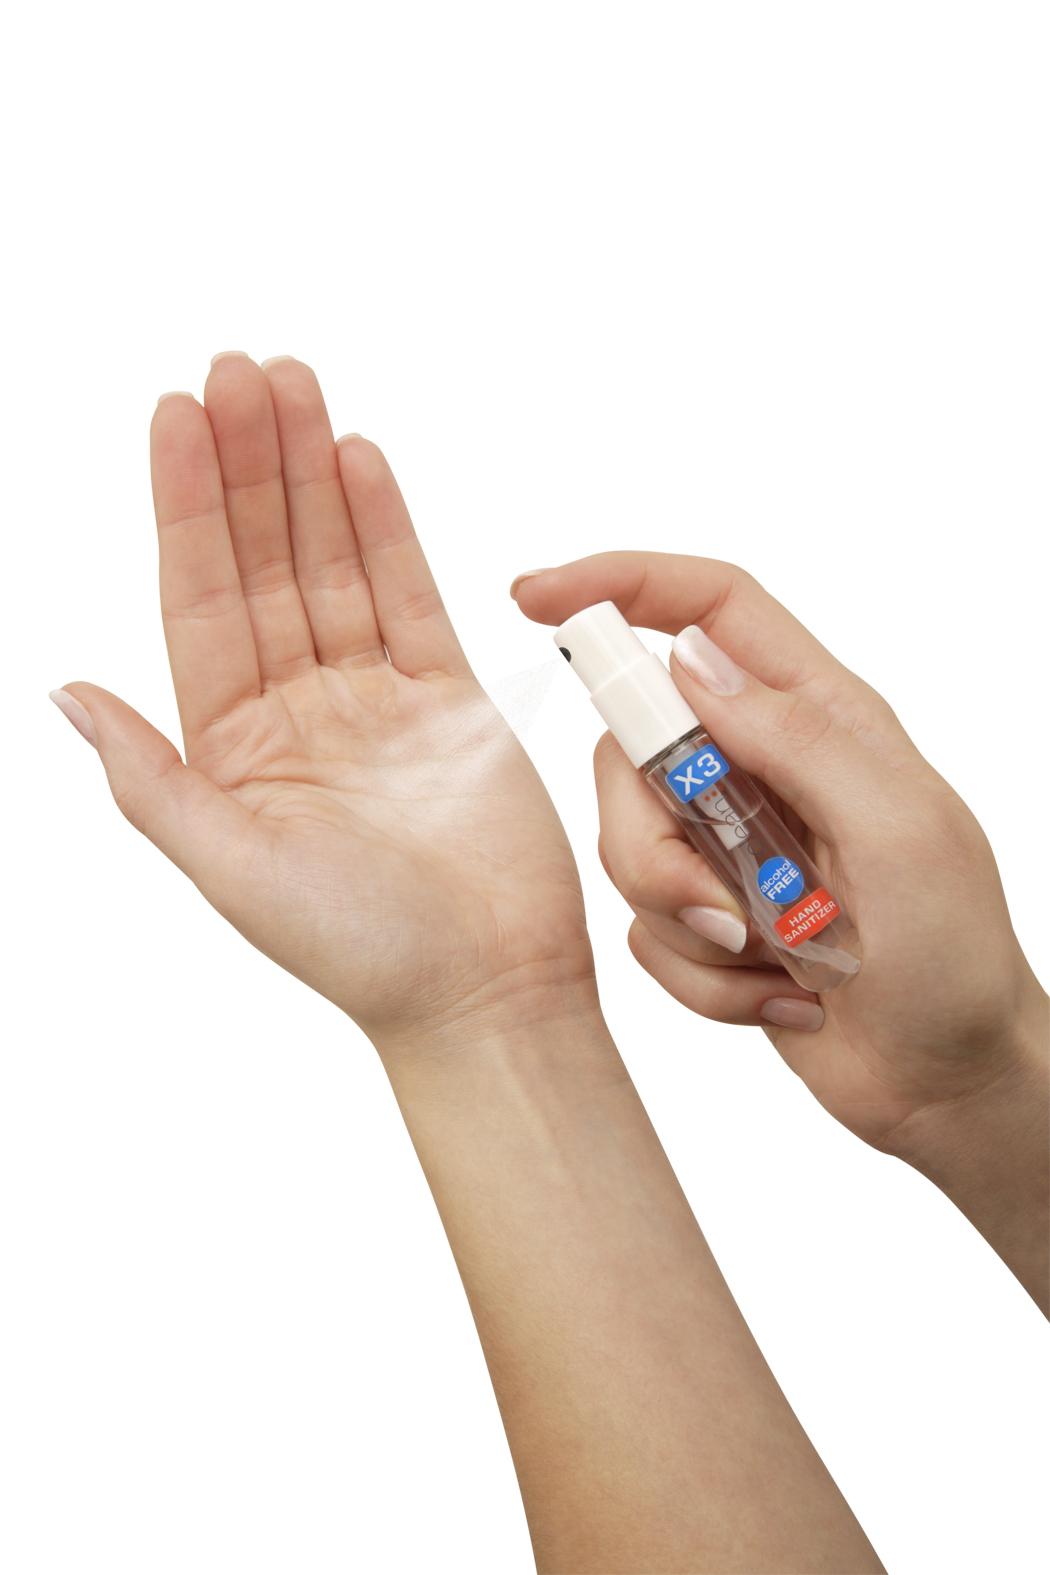 X3 Pocket Hands small.jpg